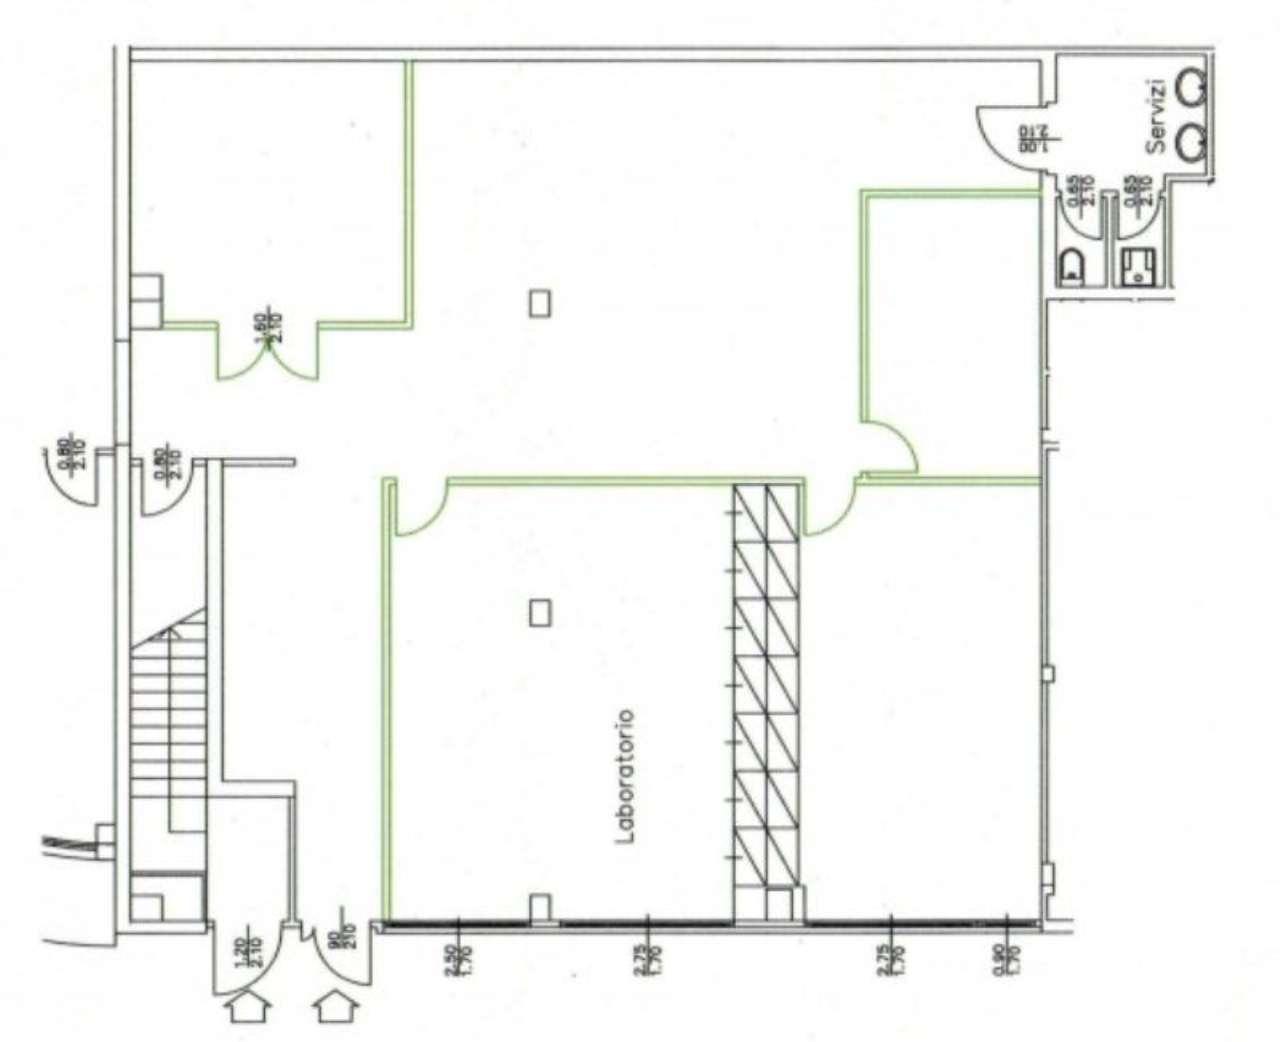 Ufficio / Studio in affitto a Segrate, 5 locali, prezzo € 1.250 | Cambio Casa.it